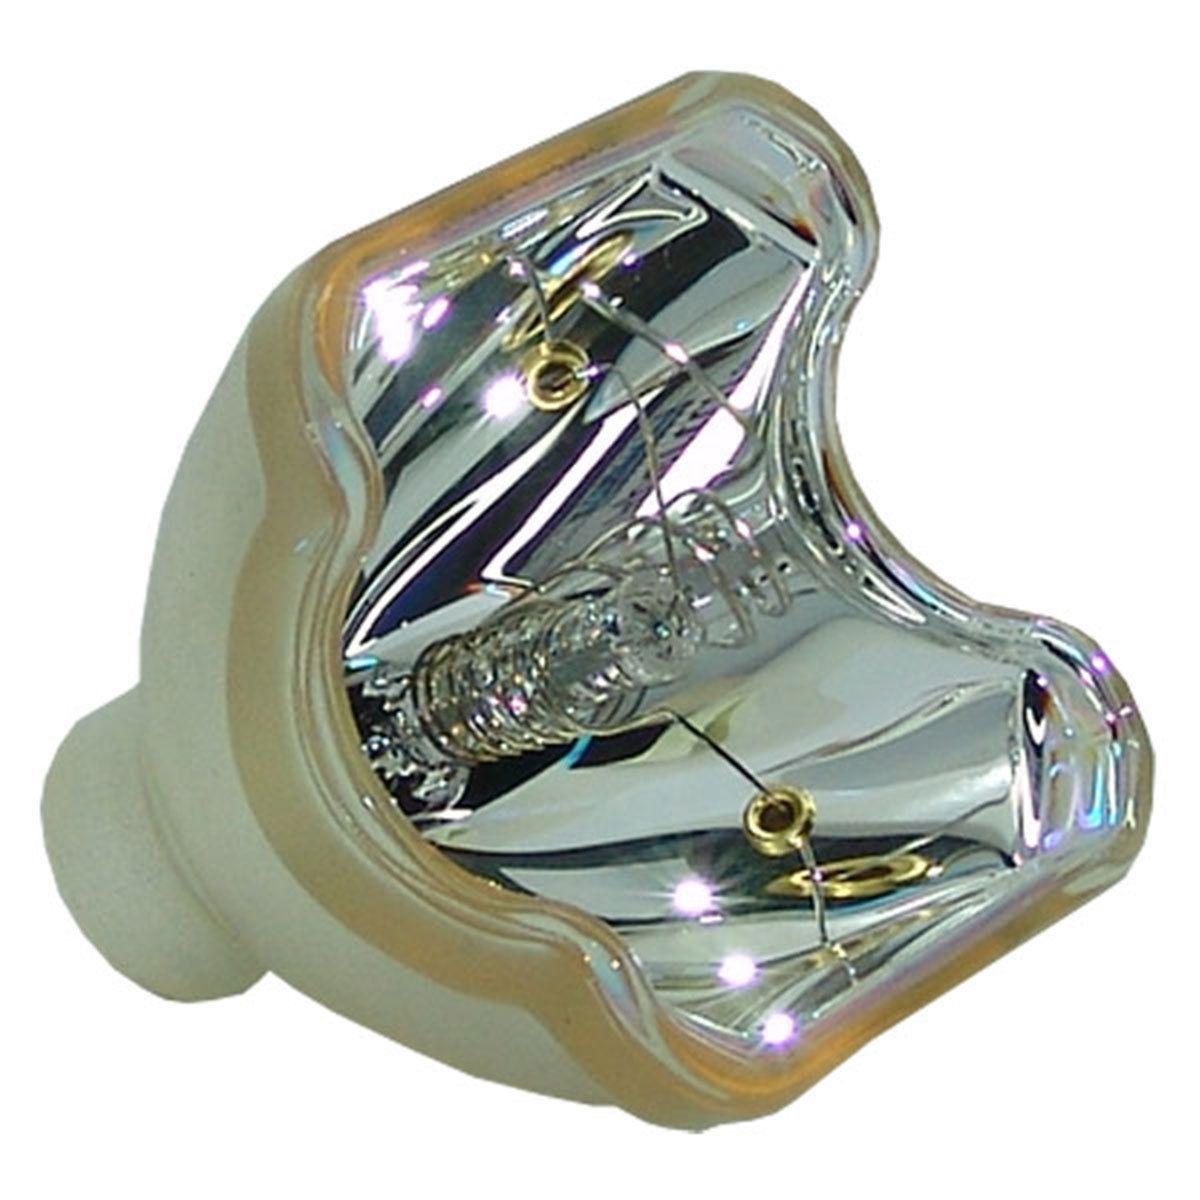 Compatible Bare Bulb SP-LAMP-017 for Infocus LP540 L640 LS5000 SP5000 C160 C180 Projector Bulb Lamp Without Case free shipping free shipping compatible bare lamp bulb sp lamp 065 for infocus in8601 sp8600 p8600 hd3d projector